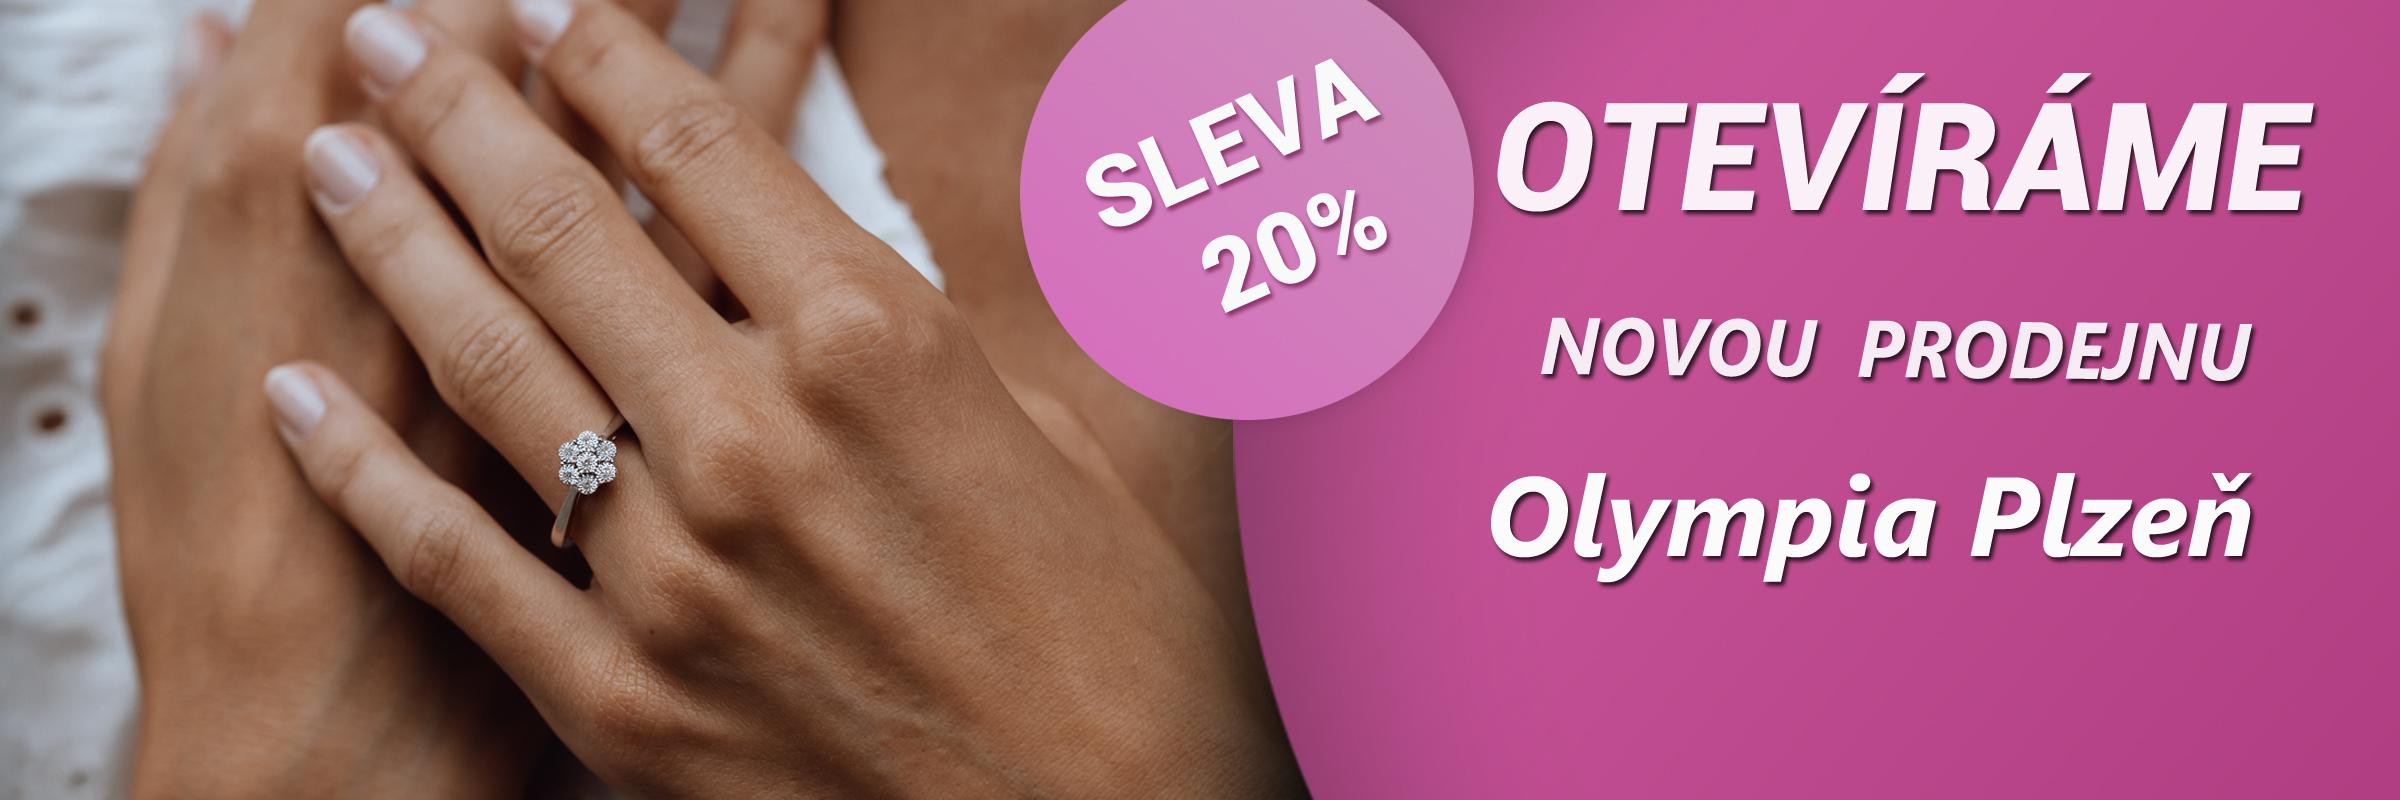 Nová prodejna v Olympia Plzeň